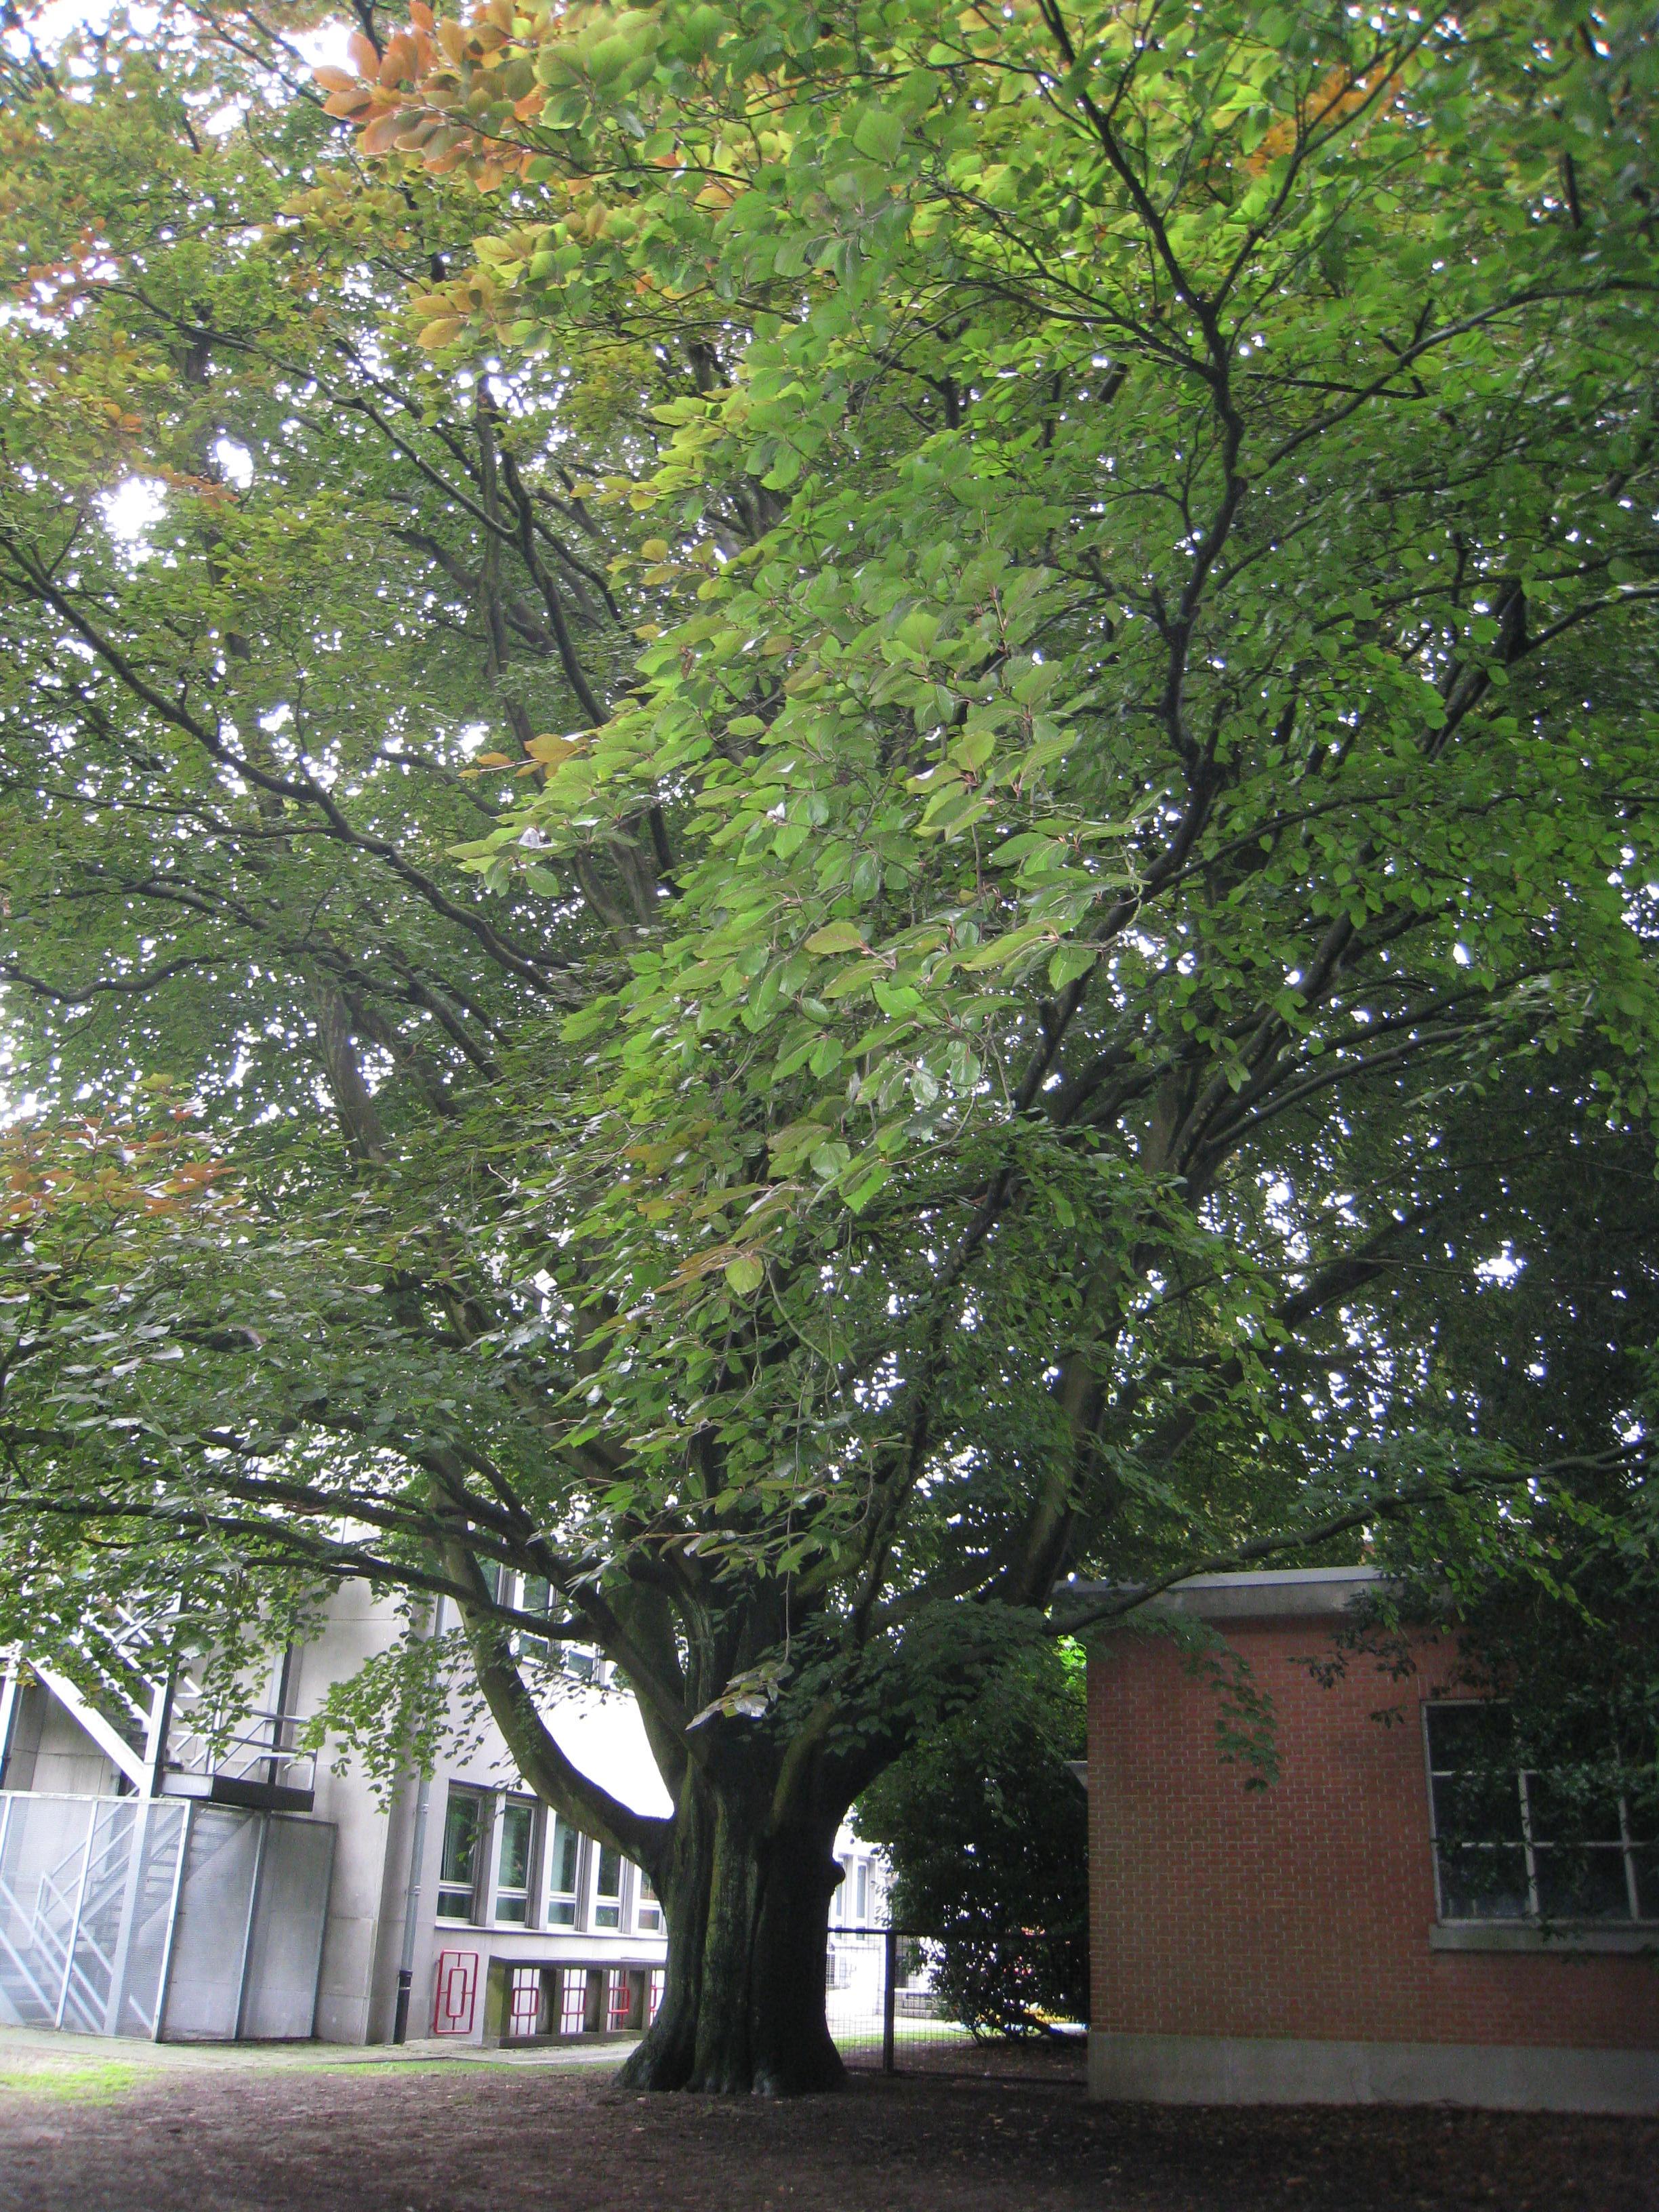 Hêtre pourpre – Uccle, Site de l'Observatoire royal, Avenue Circulaire, 1 –  08 Août 2008